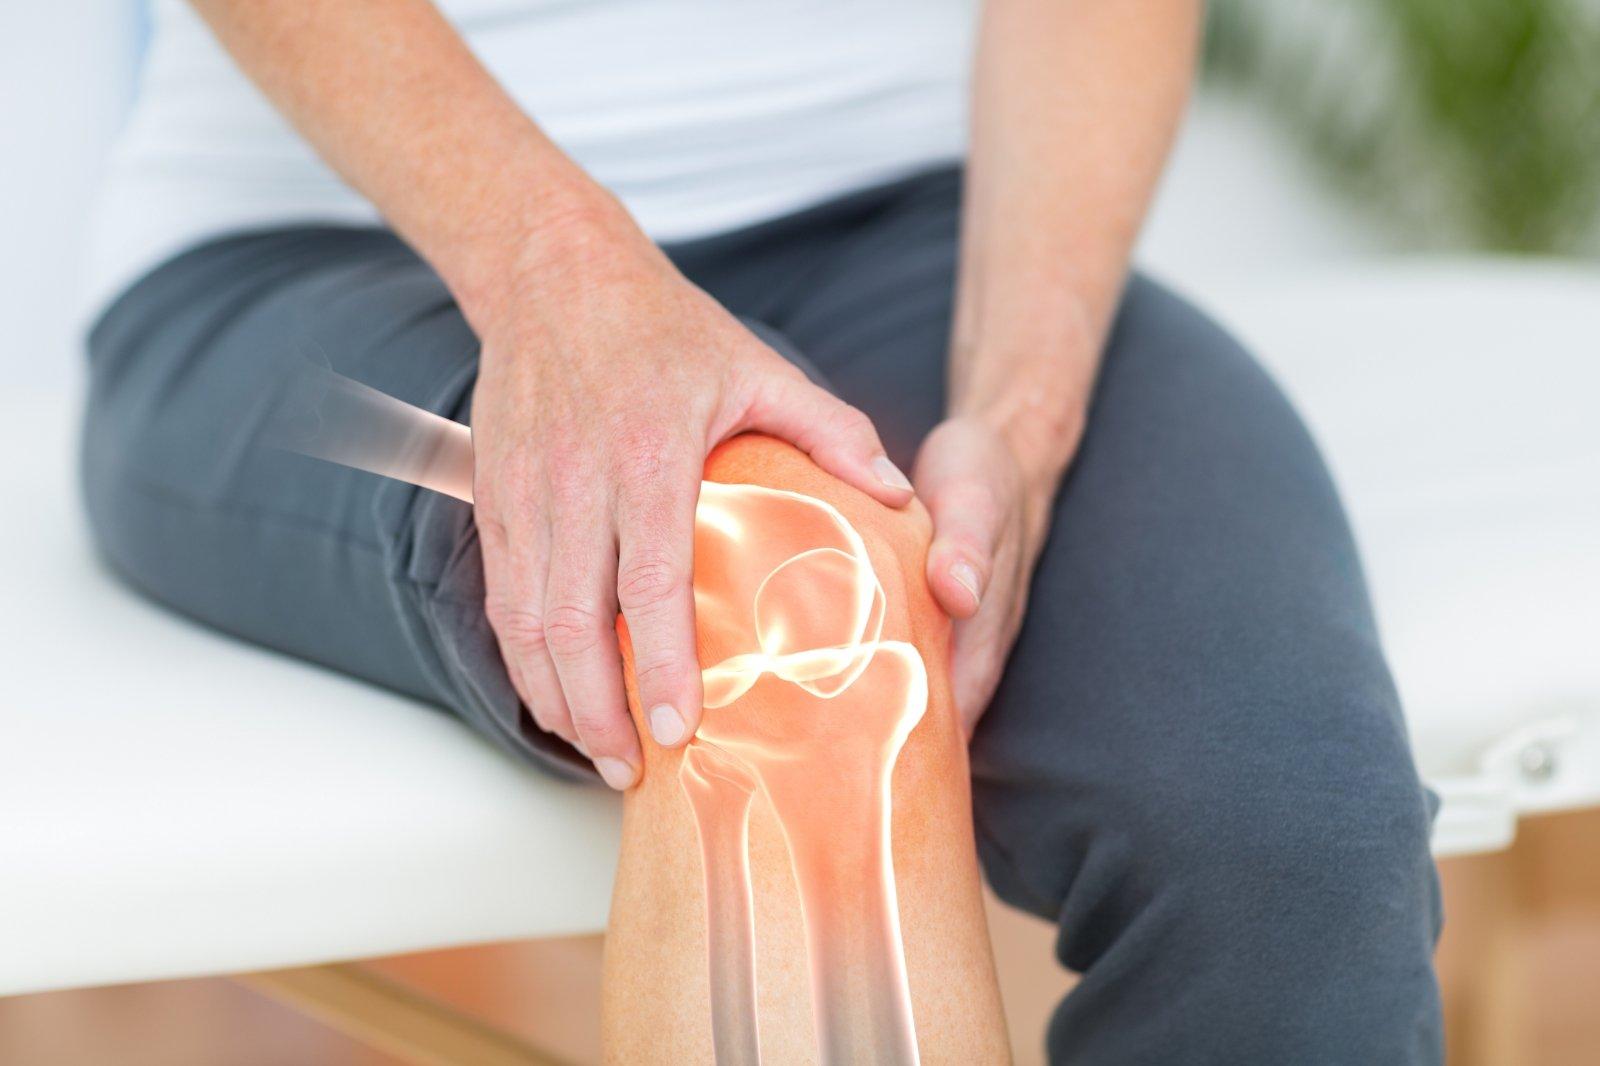 pirštas artritas liaudies gynimo priemonės skirtos pirštų sąnarių skausmo